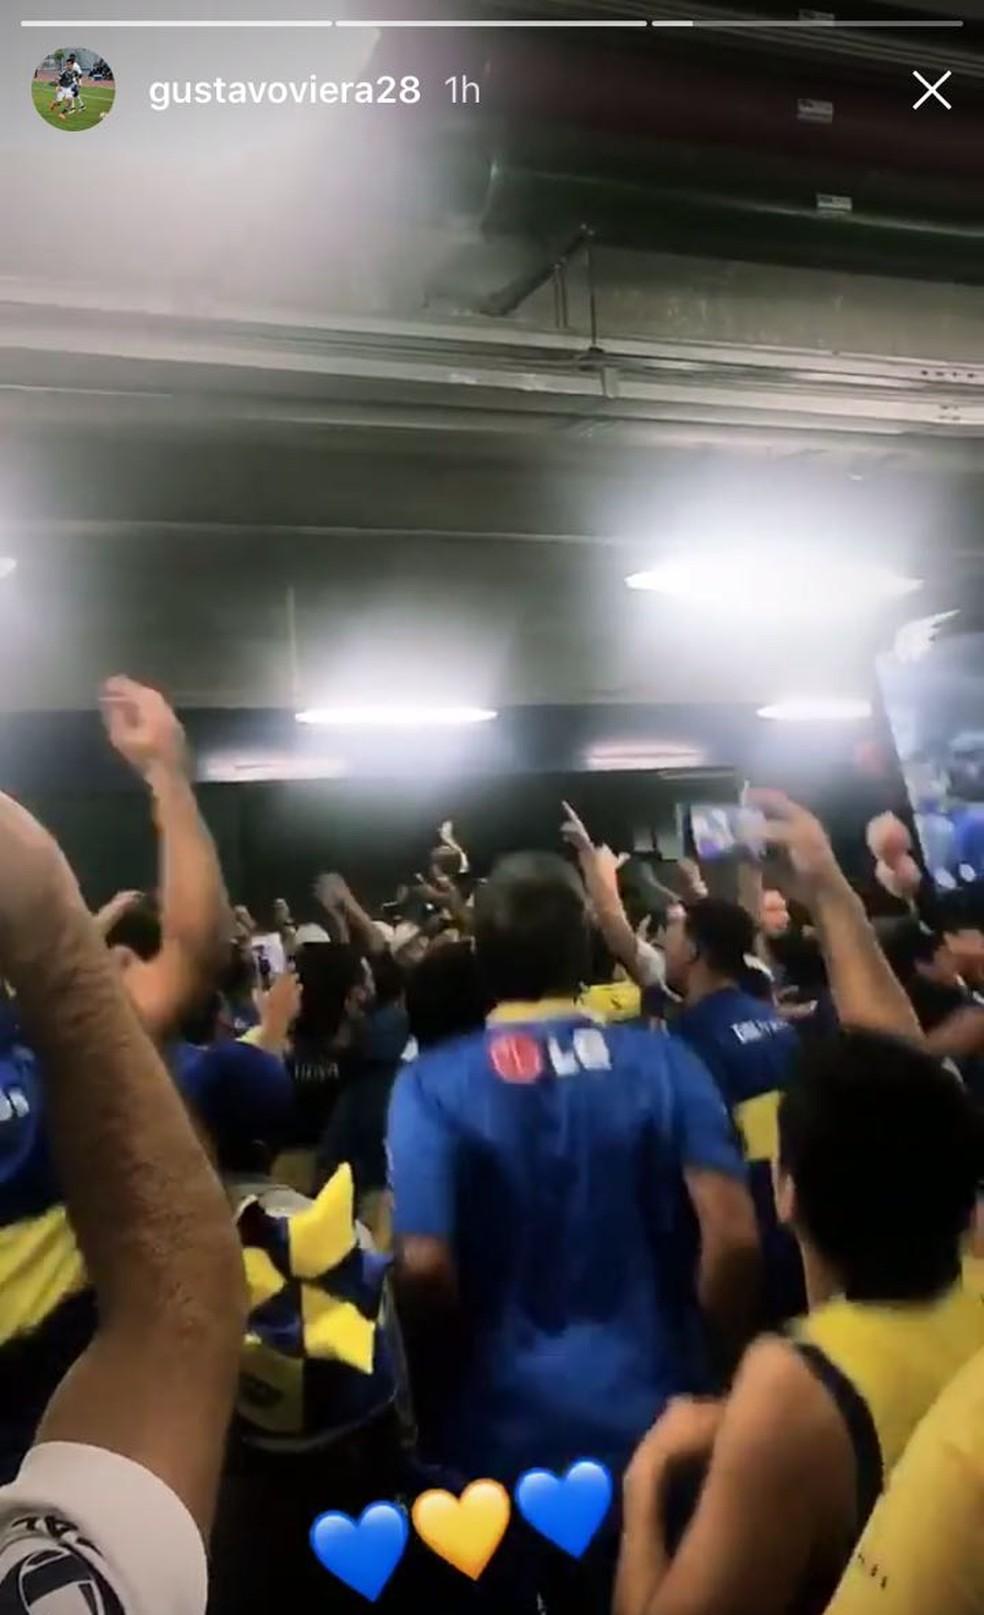 Gustavo Viera, do Corinthians, apoiou o Boca Juniores contra o Palmeiras (Foto: Reprodução)